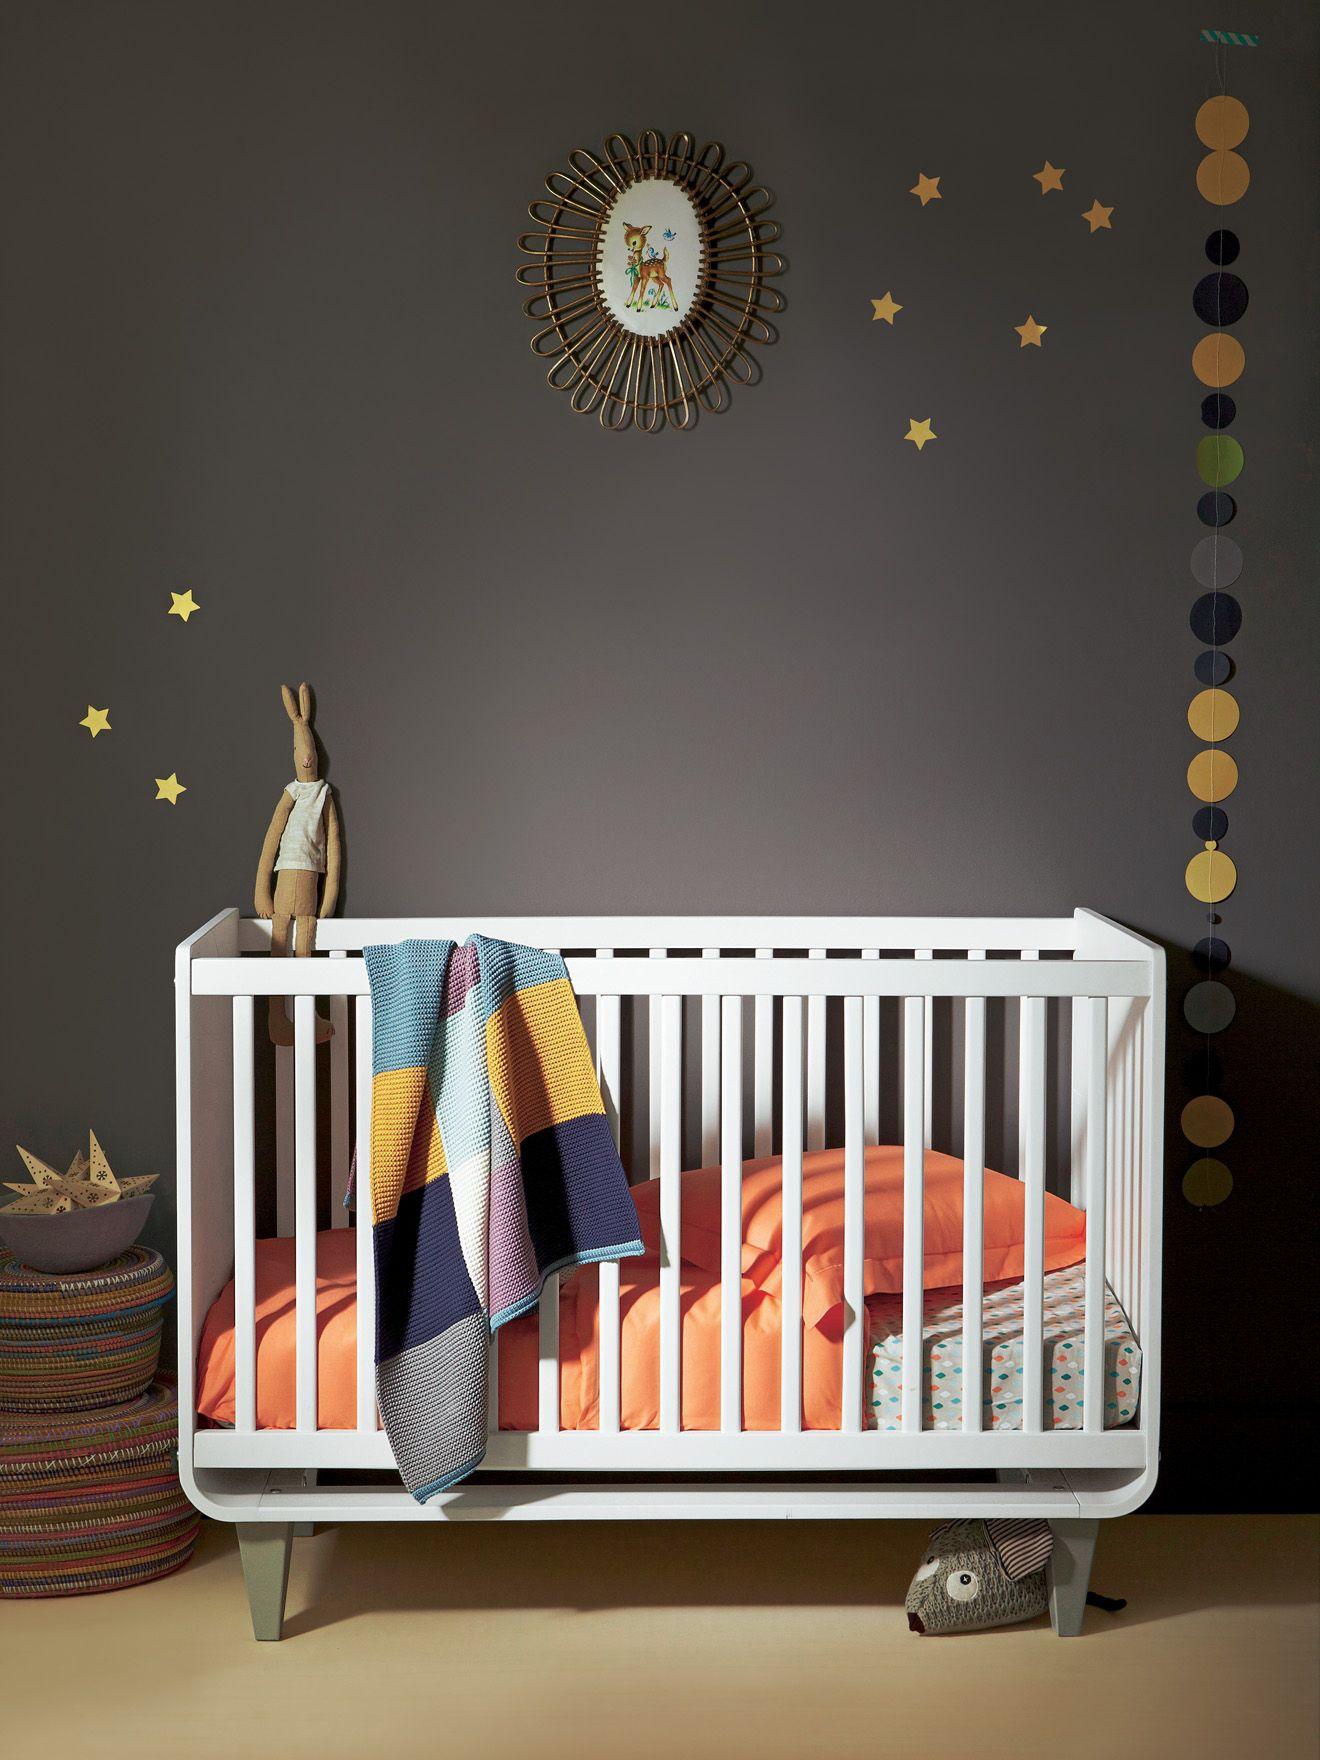 Lit bébé Neonid à barreaux, Chambre Bébé. Mur gris foncé fait ...